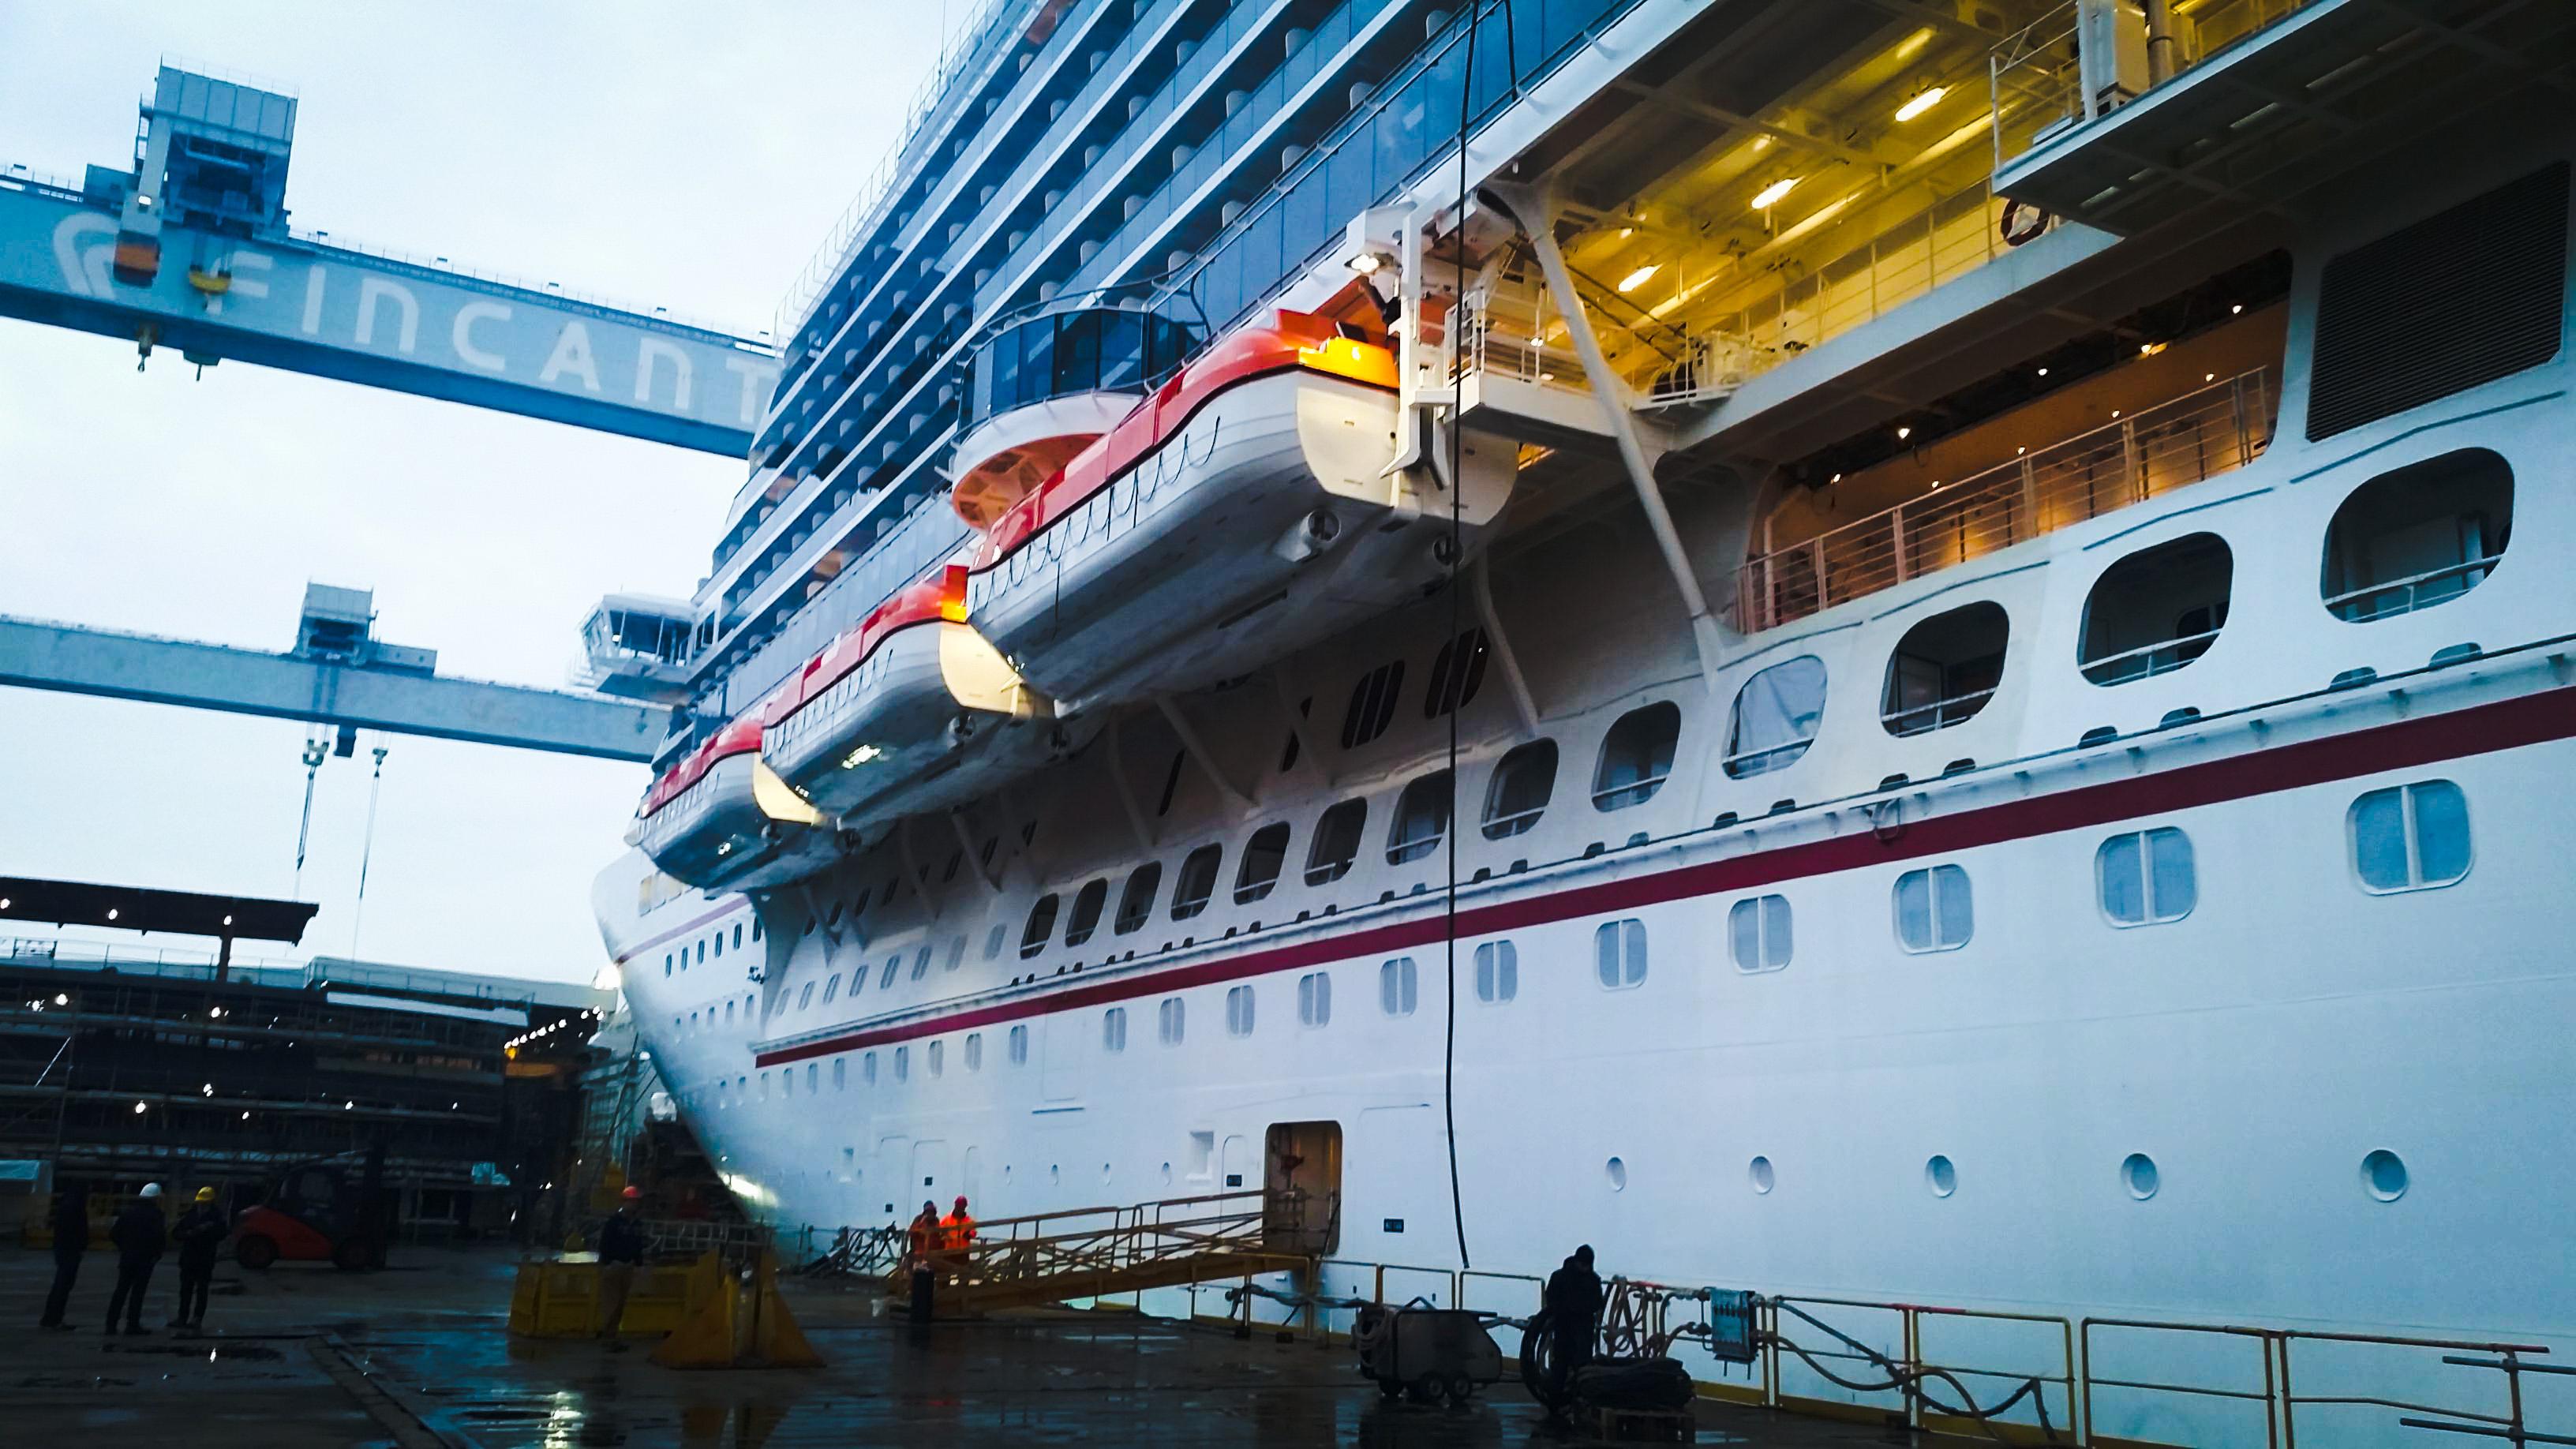 Αποτέλεσμα εικόνας για New Carnival Horizon Takes Cruise Retail Offerings to the Next Level with Most Expansive Shopping Space in the Fleet